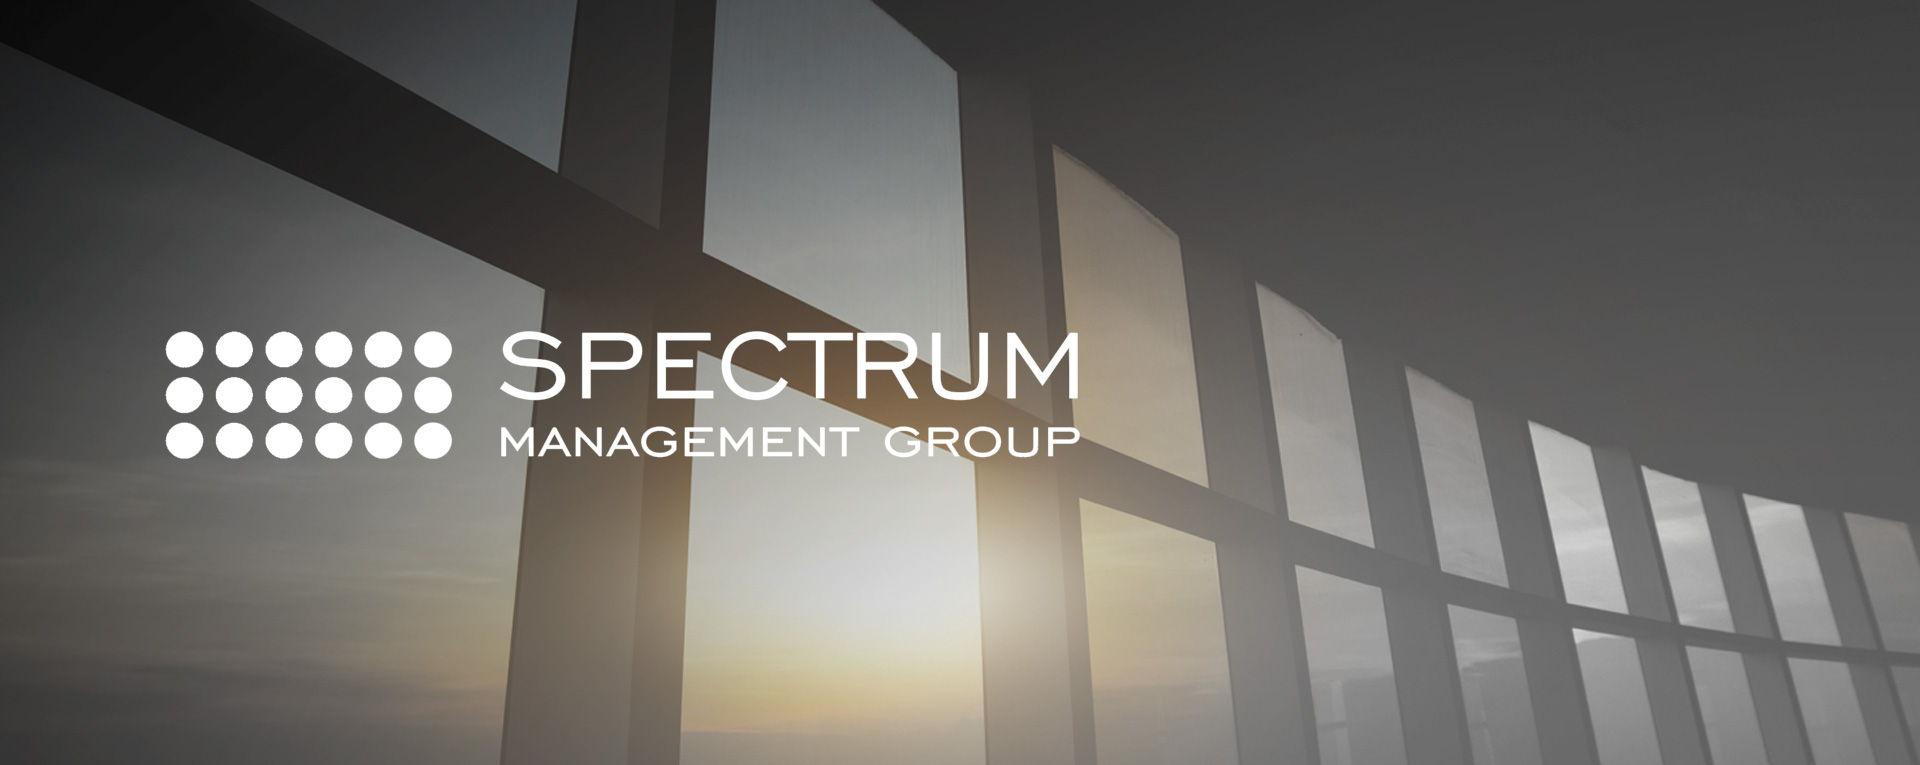 Spectrum Management Group